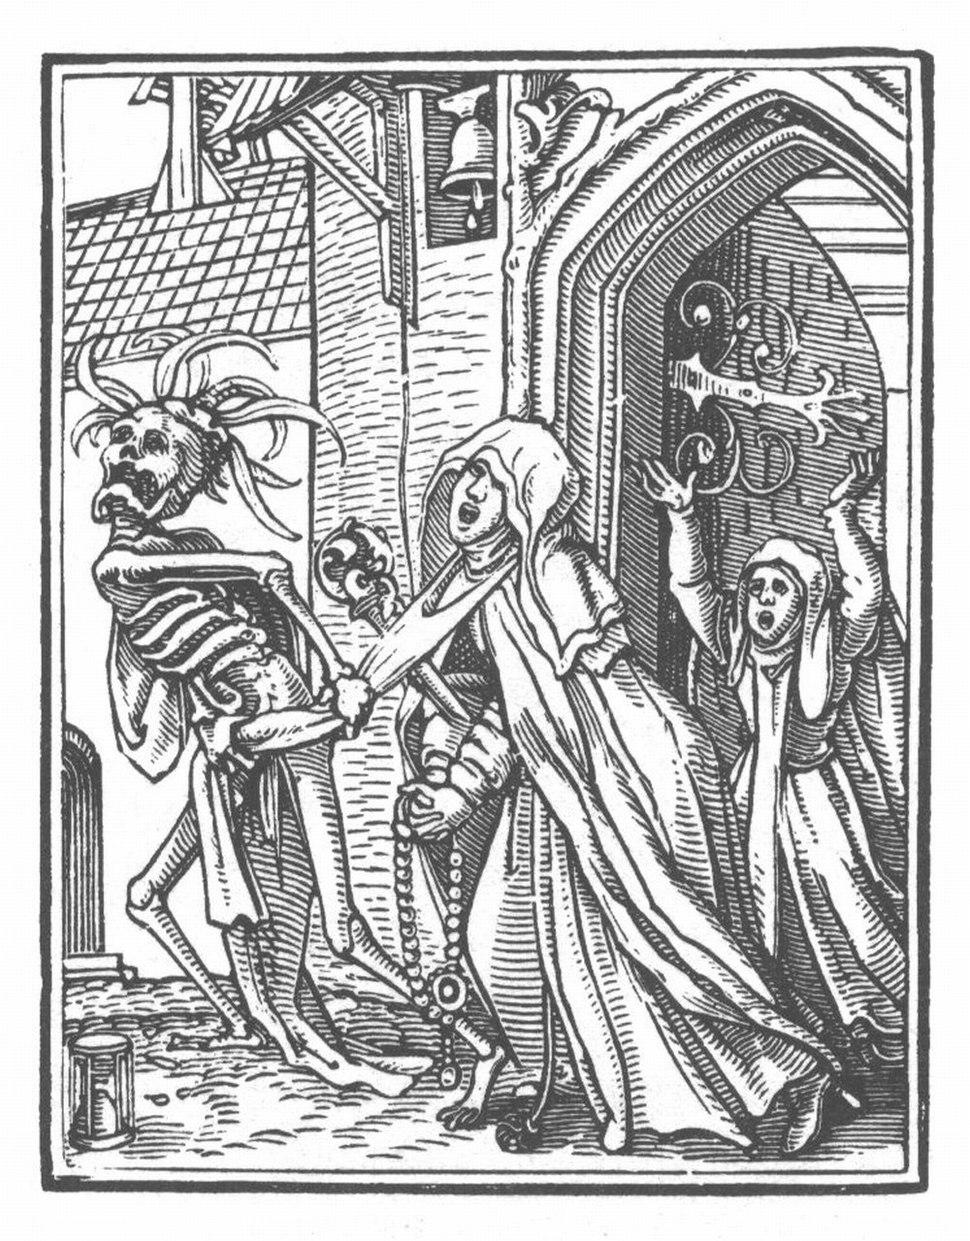 Holbein Danse Macabre 15